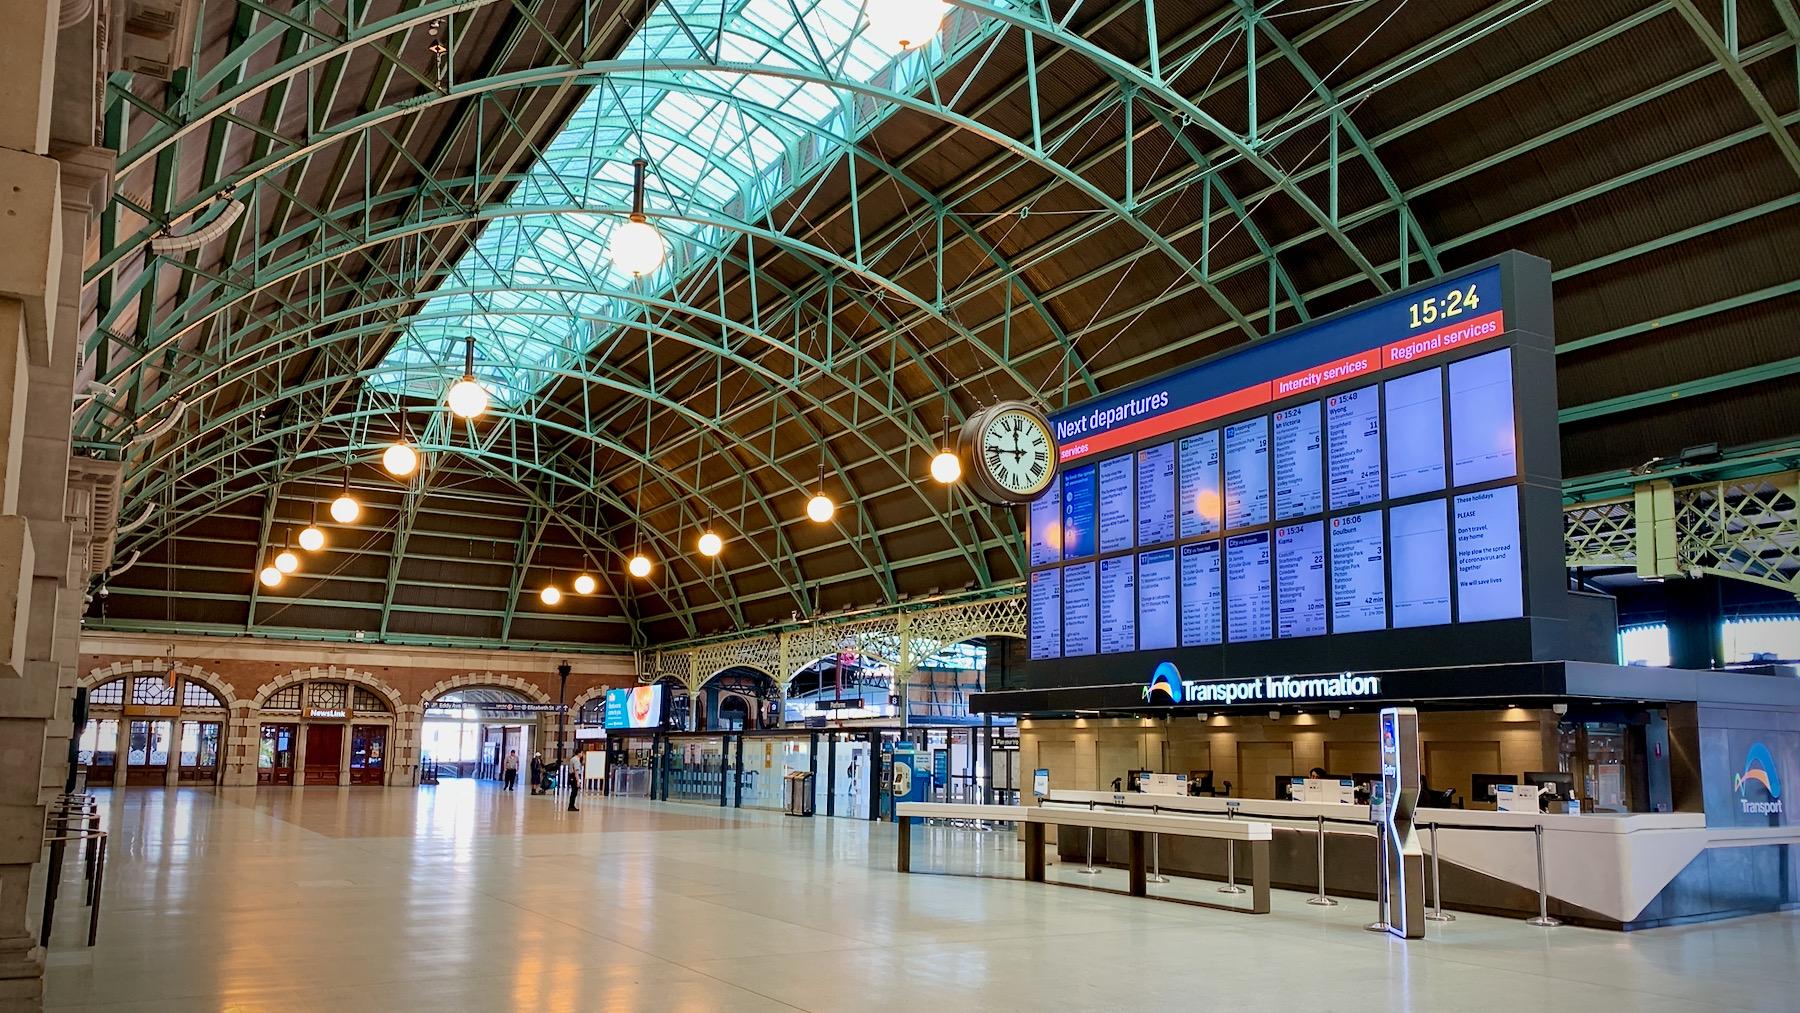 Sydney Central deserted 10 April 2020